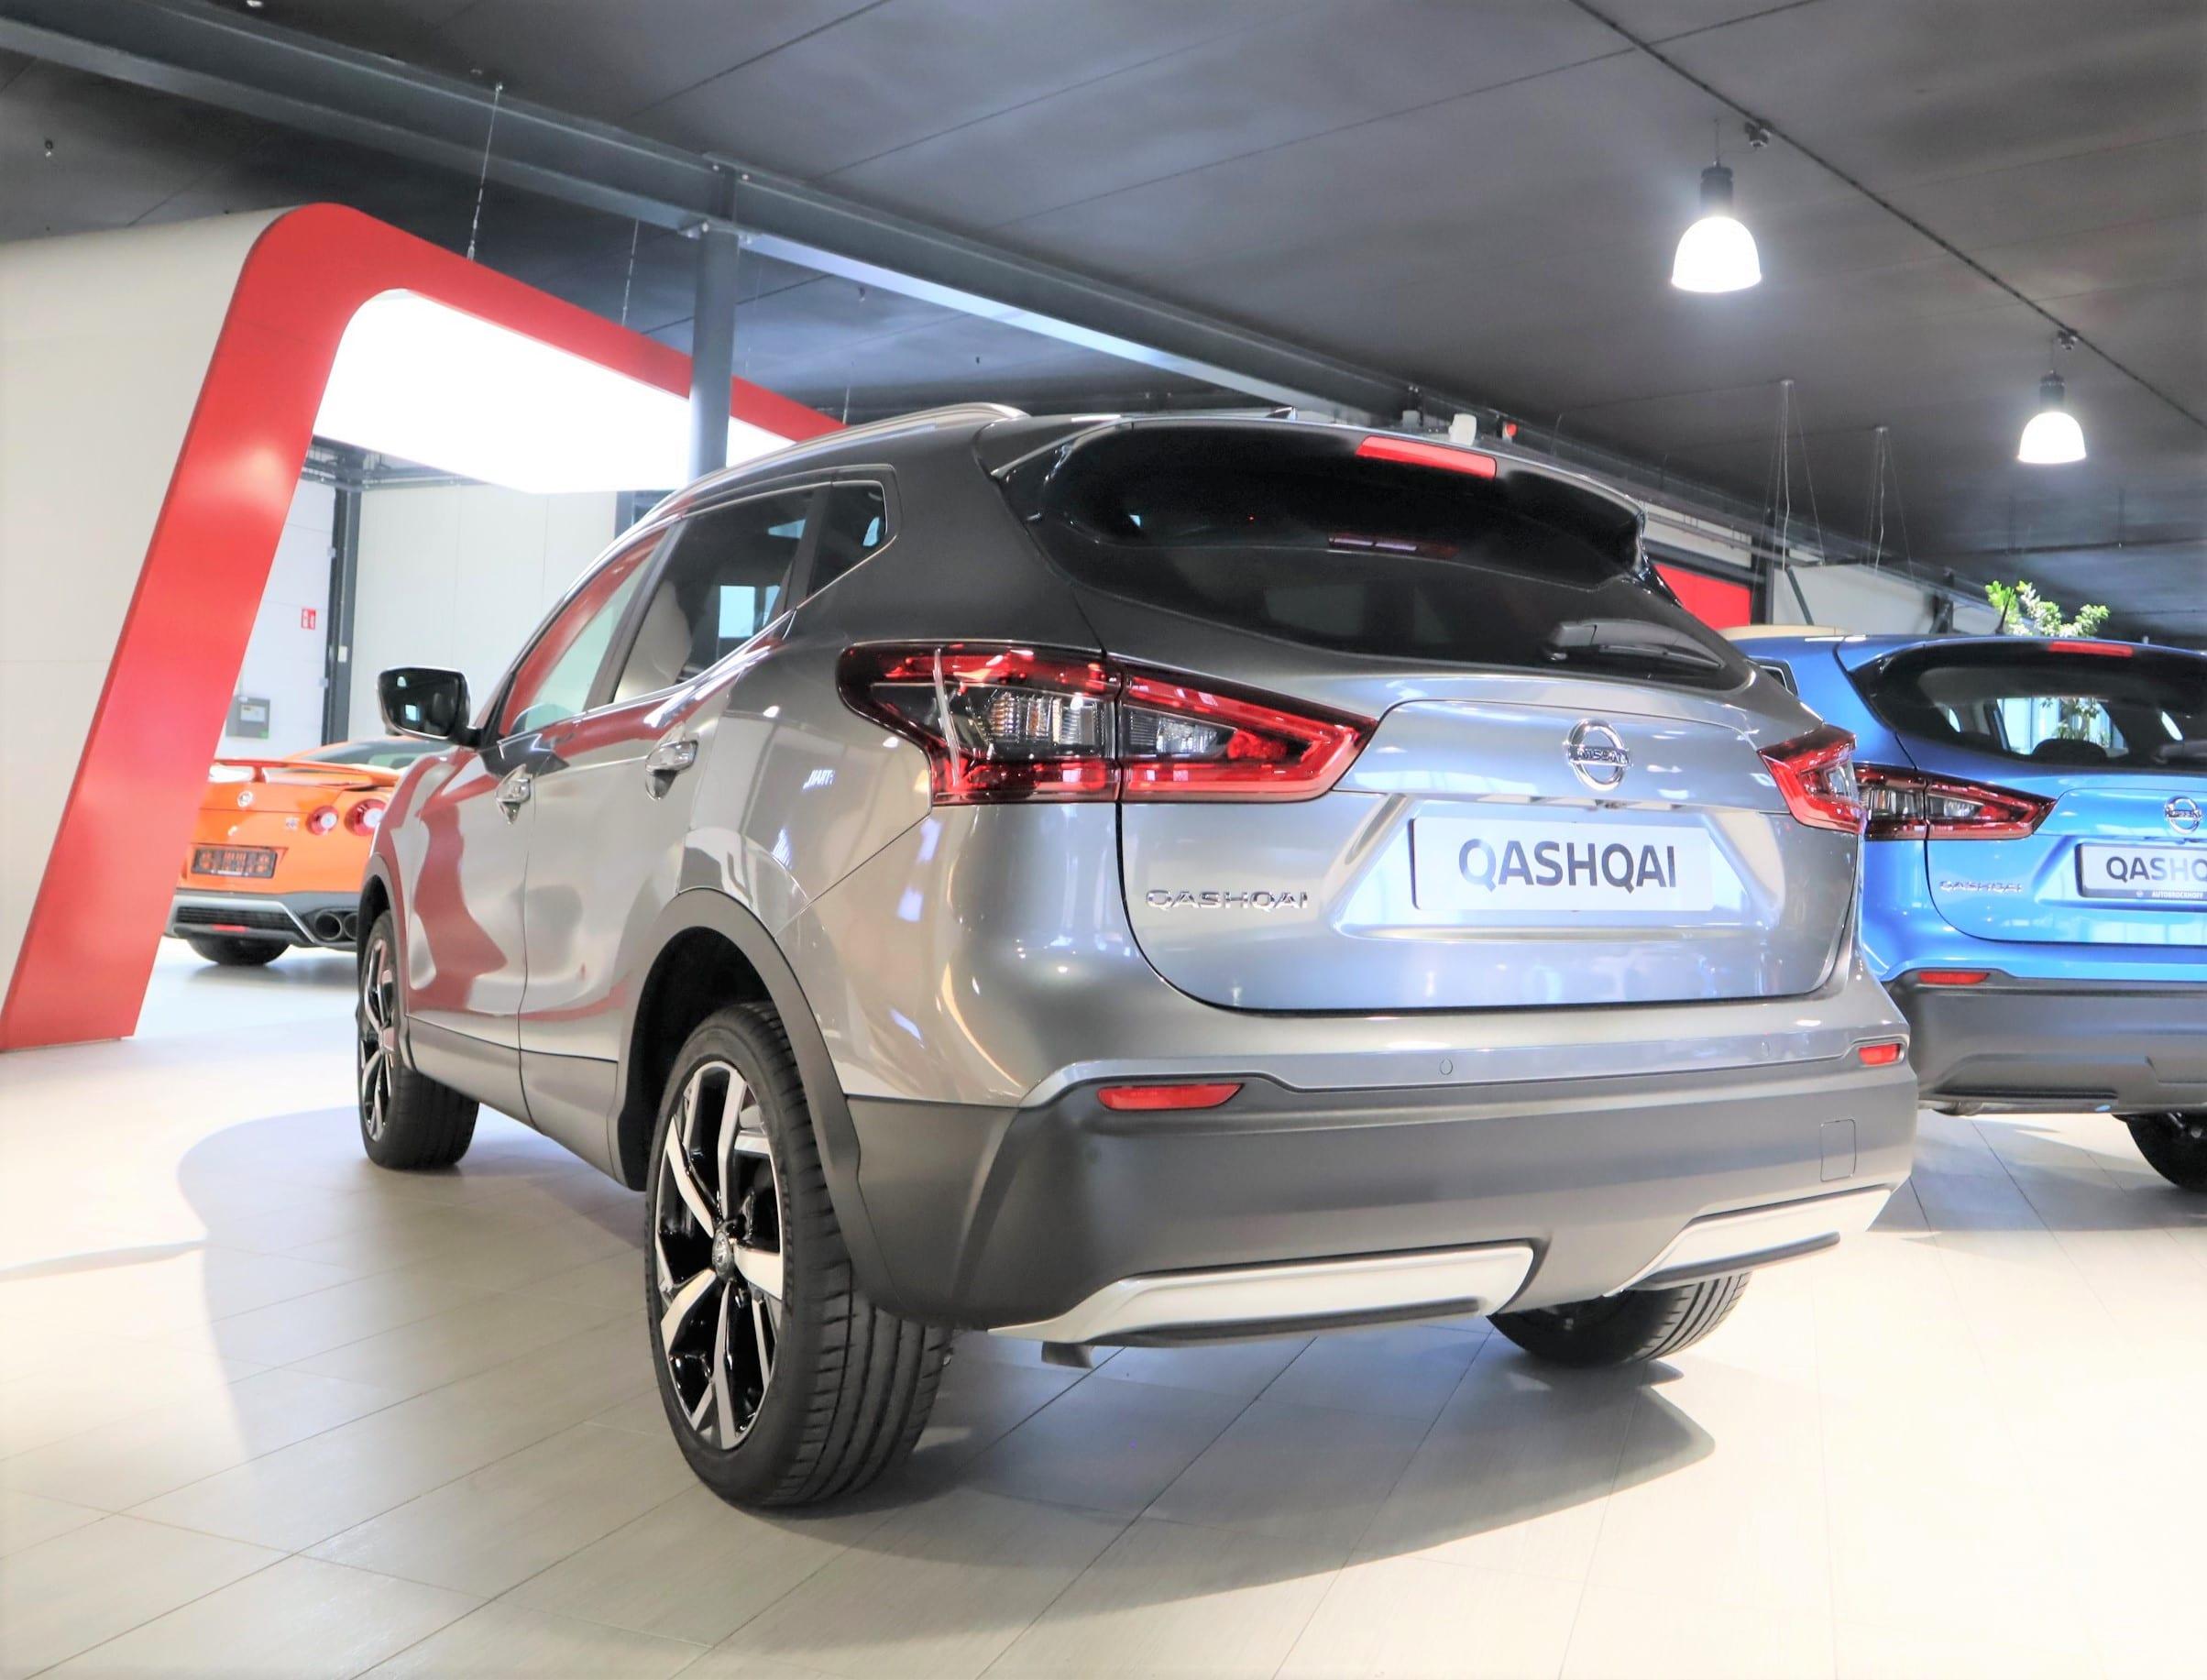 Nissan Qashqai 1.3 DIG-T 140 TEKNA